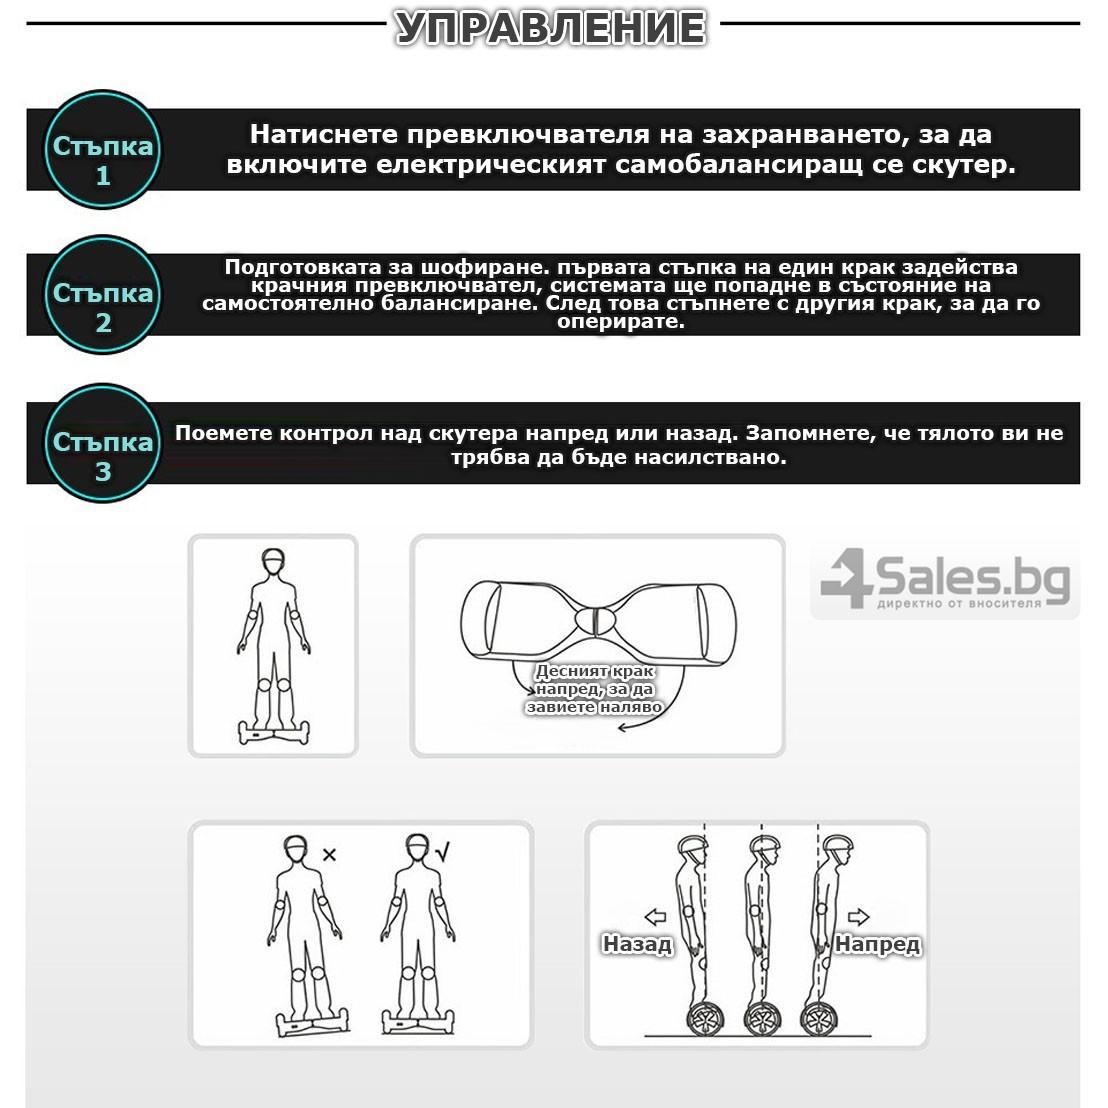 Ховърборд Electric balance scooter 100-240V 50/60hz с четкови двигатели 18